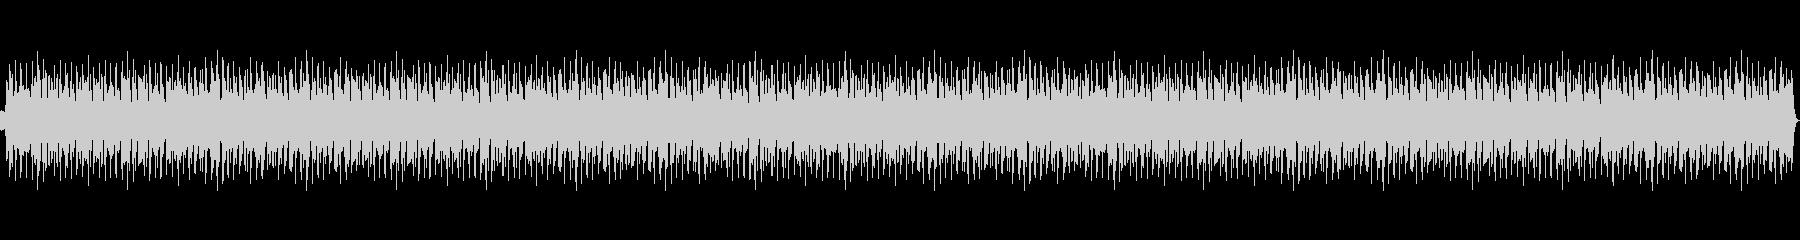 ワクワク リコーダーのマーチ  ペットの未再生の波形